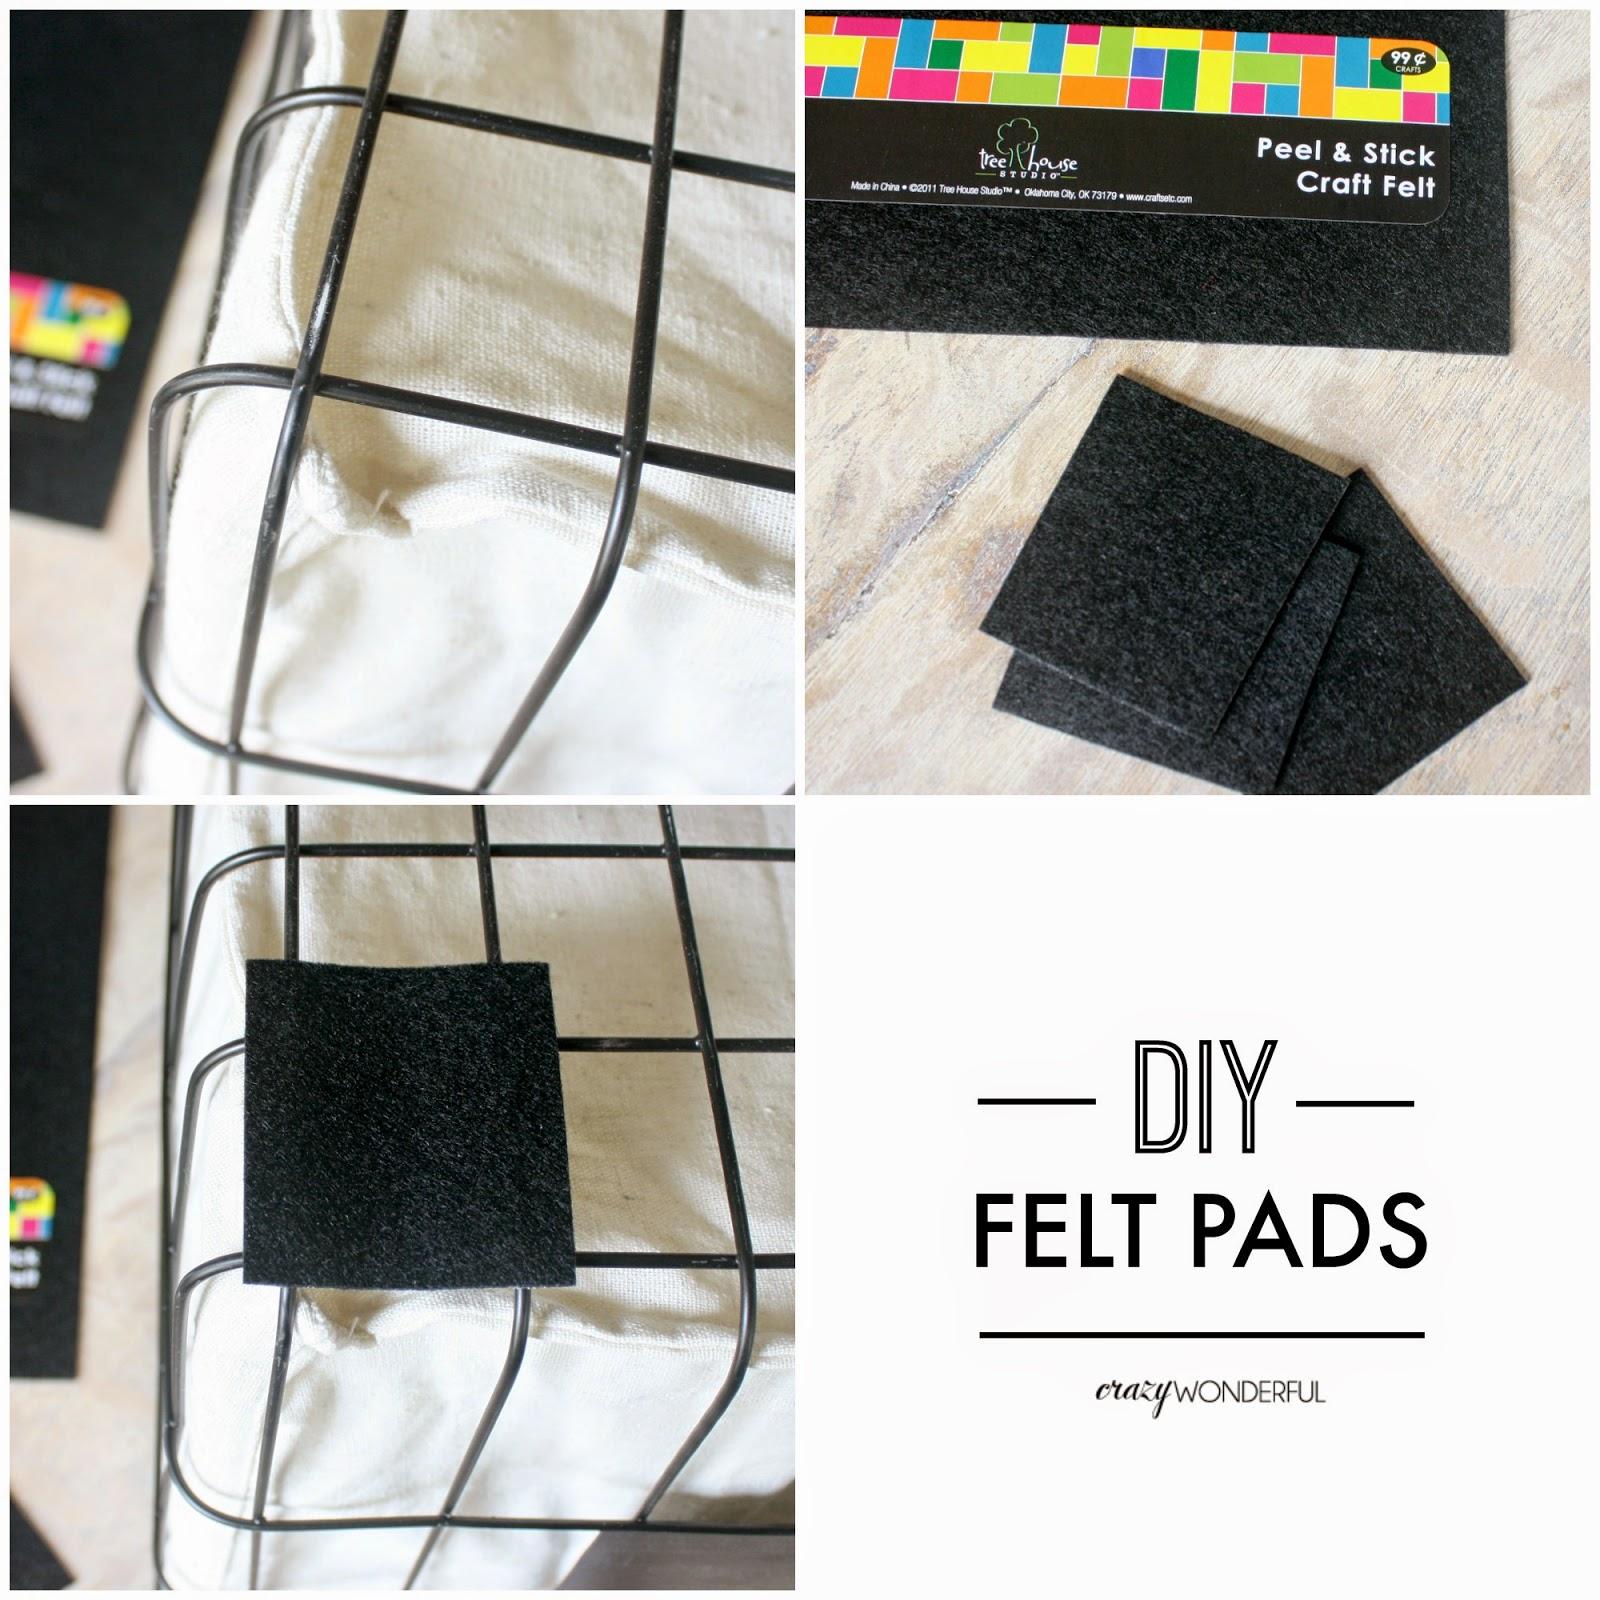 DIY felt pads